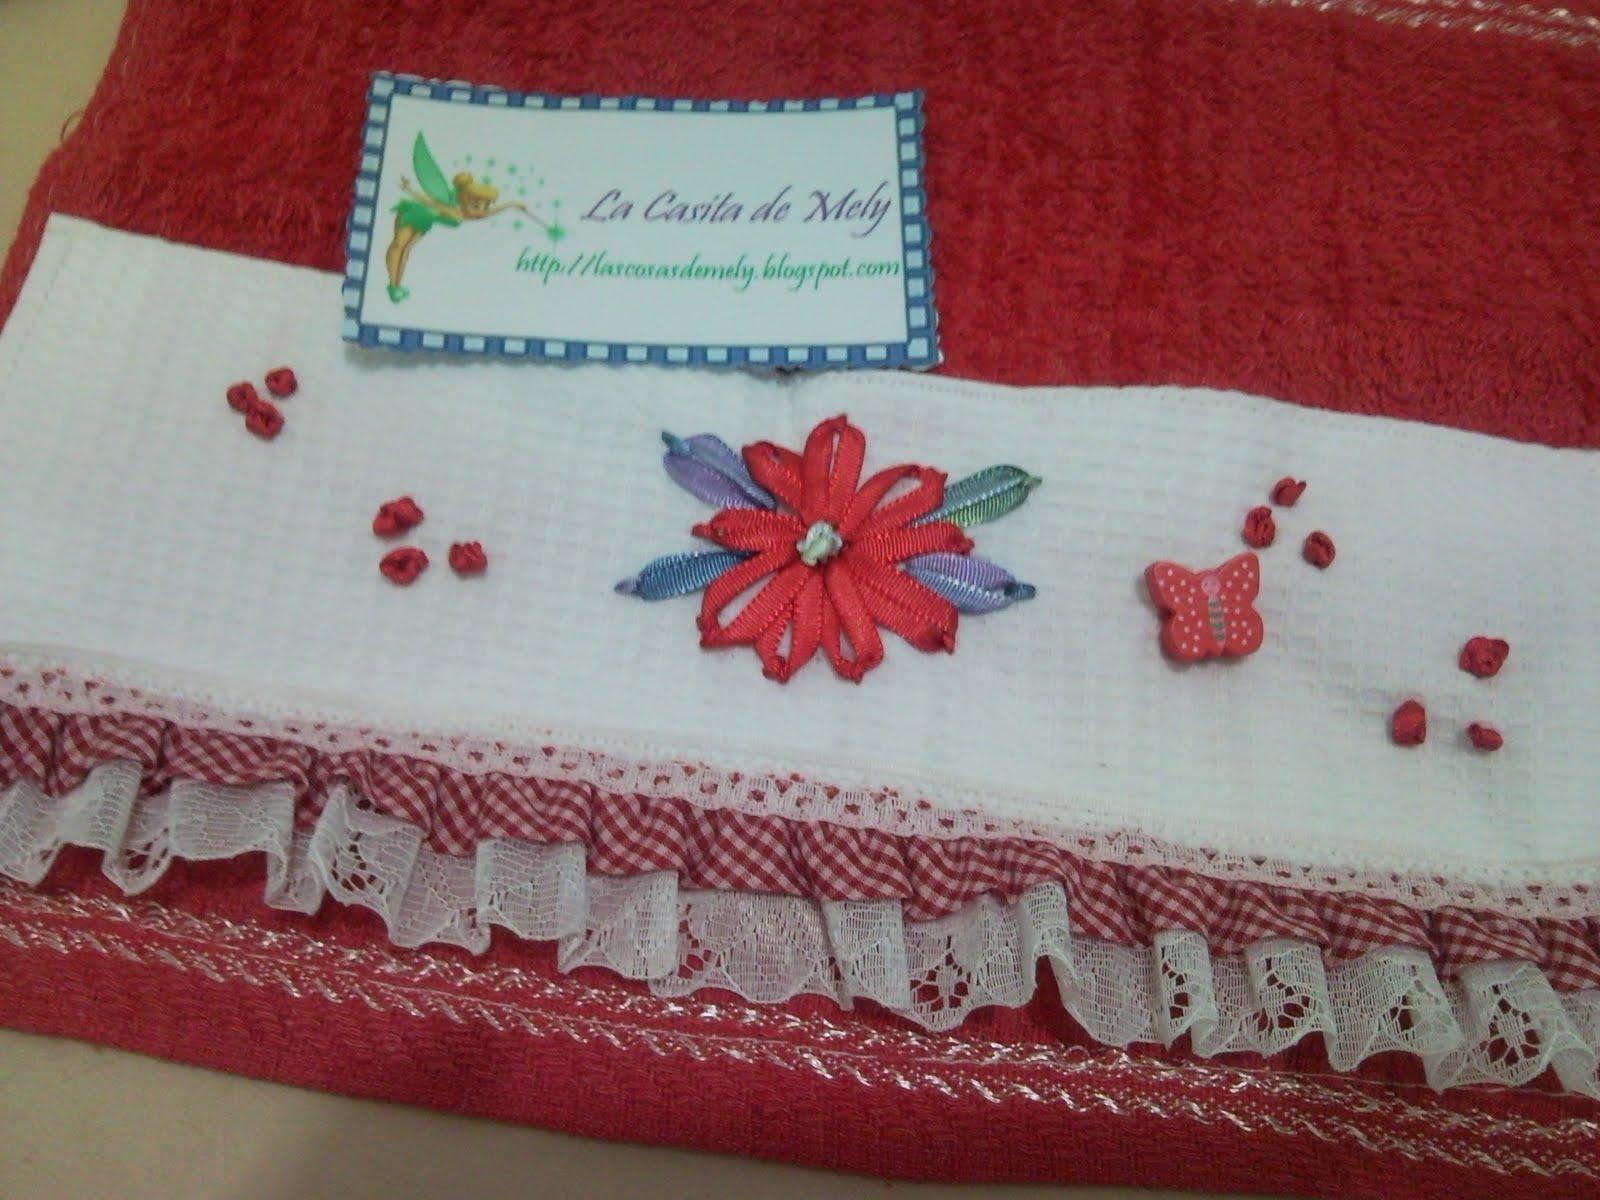 Toallas Bordadas En Cinta Con Aplique De Mariposa